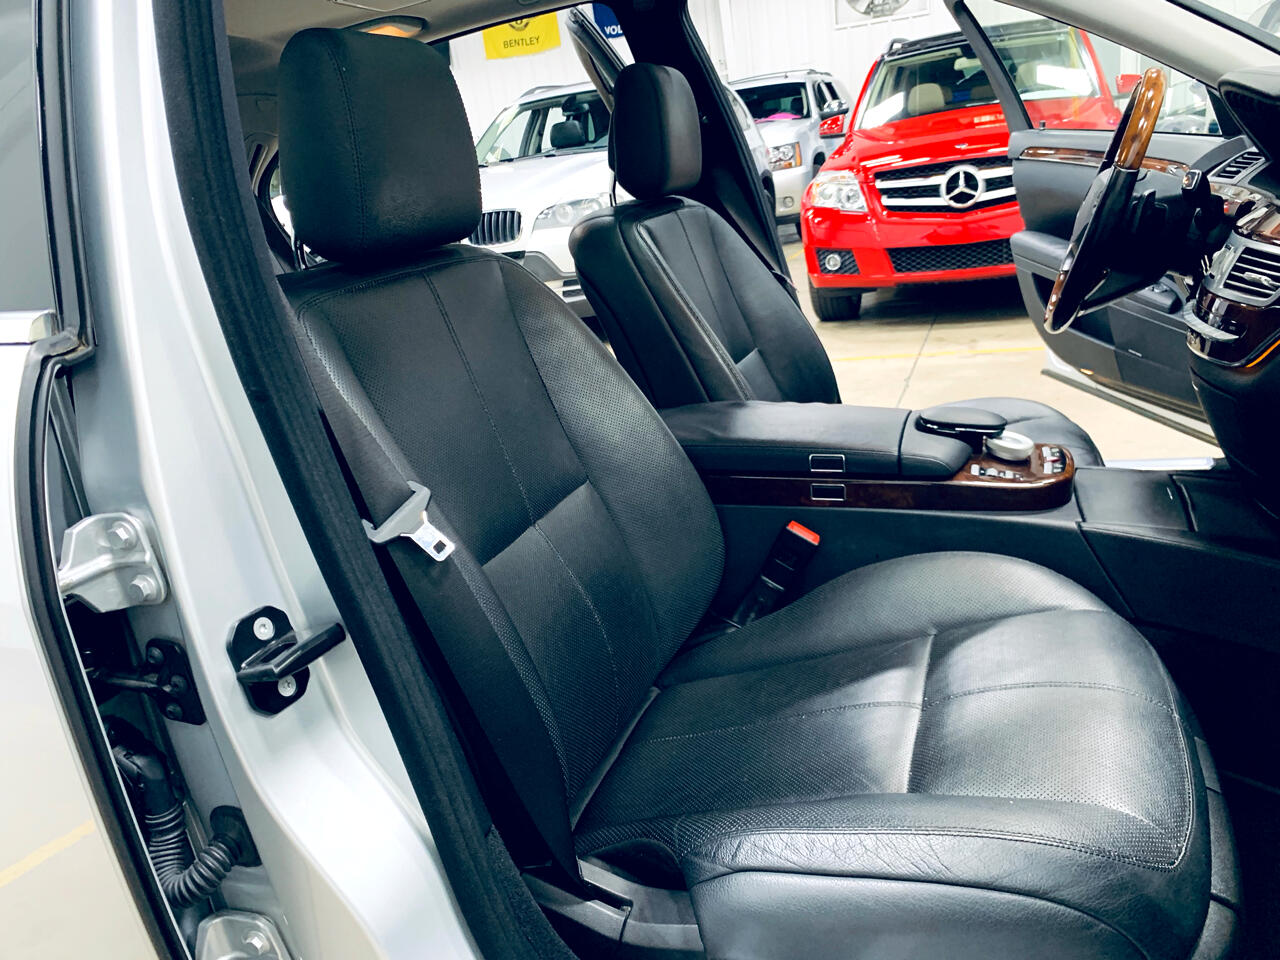 2009 Mercedes-Benz S-Class 4dr Sdn 5.5L V8 4MATIC